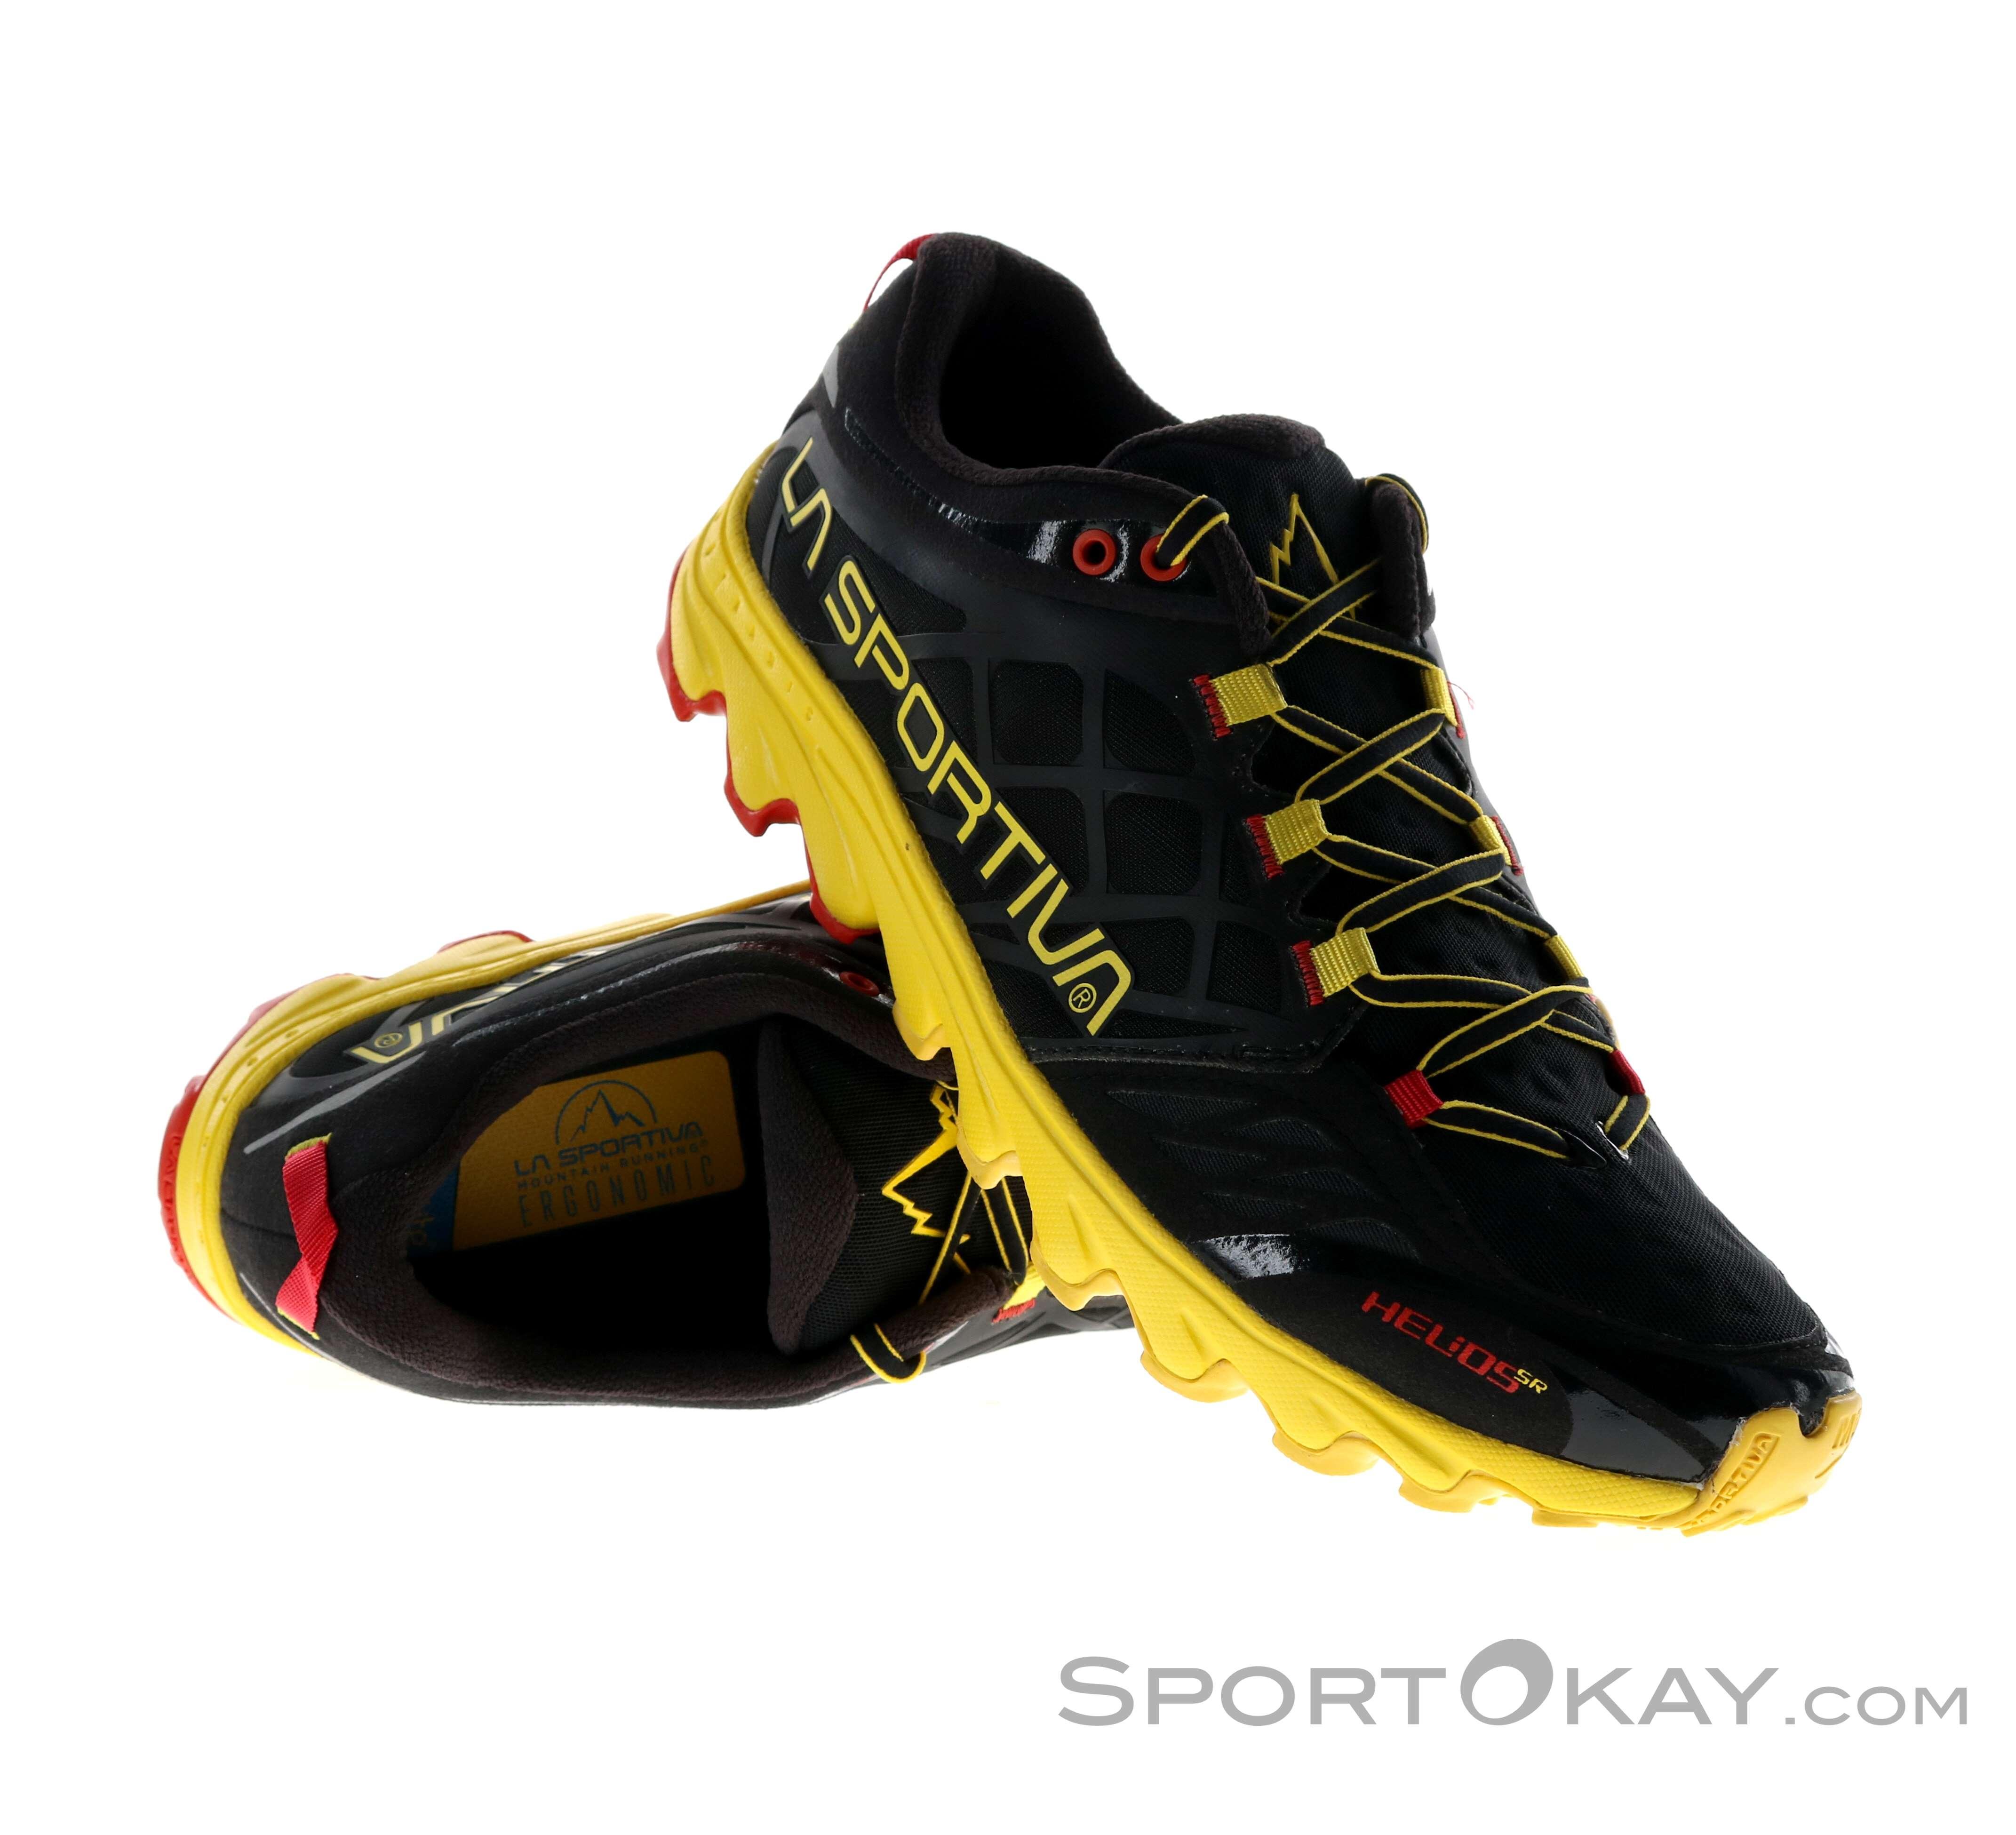 LA SPORTIVA Herren Trailrunningschuhe HELIOS 2.0 Man Schuhe La Sportiva *NEU*